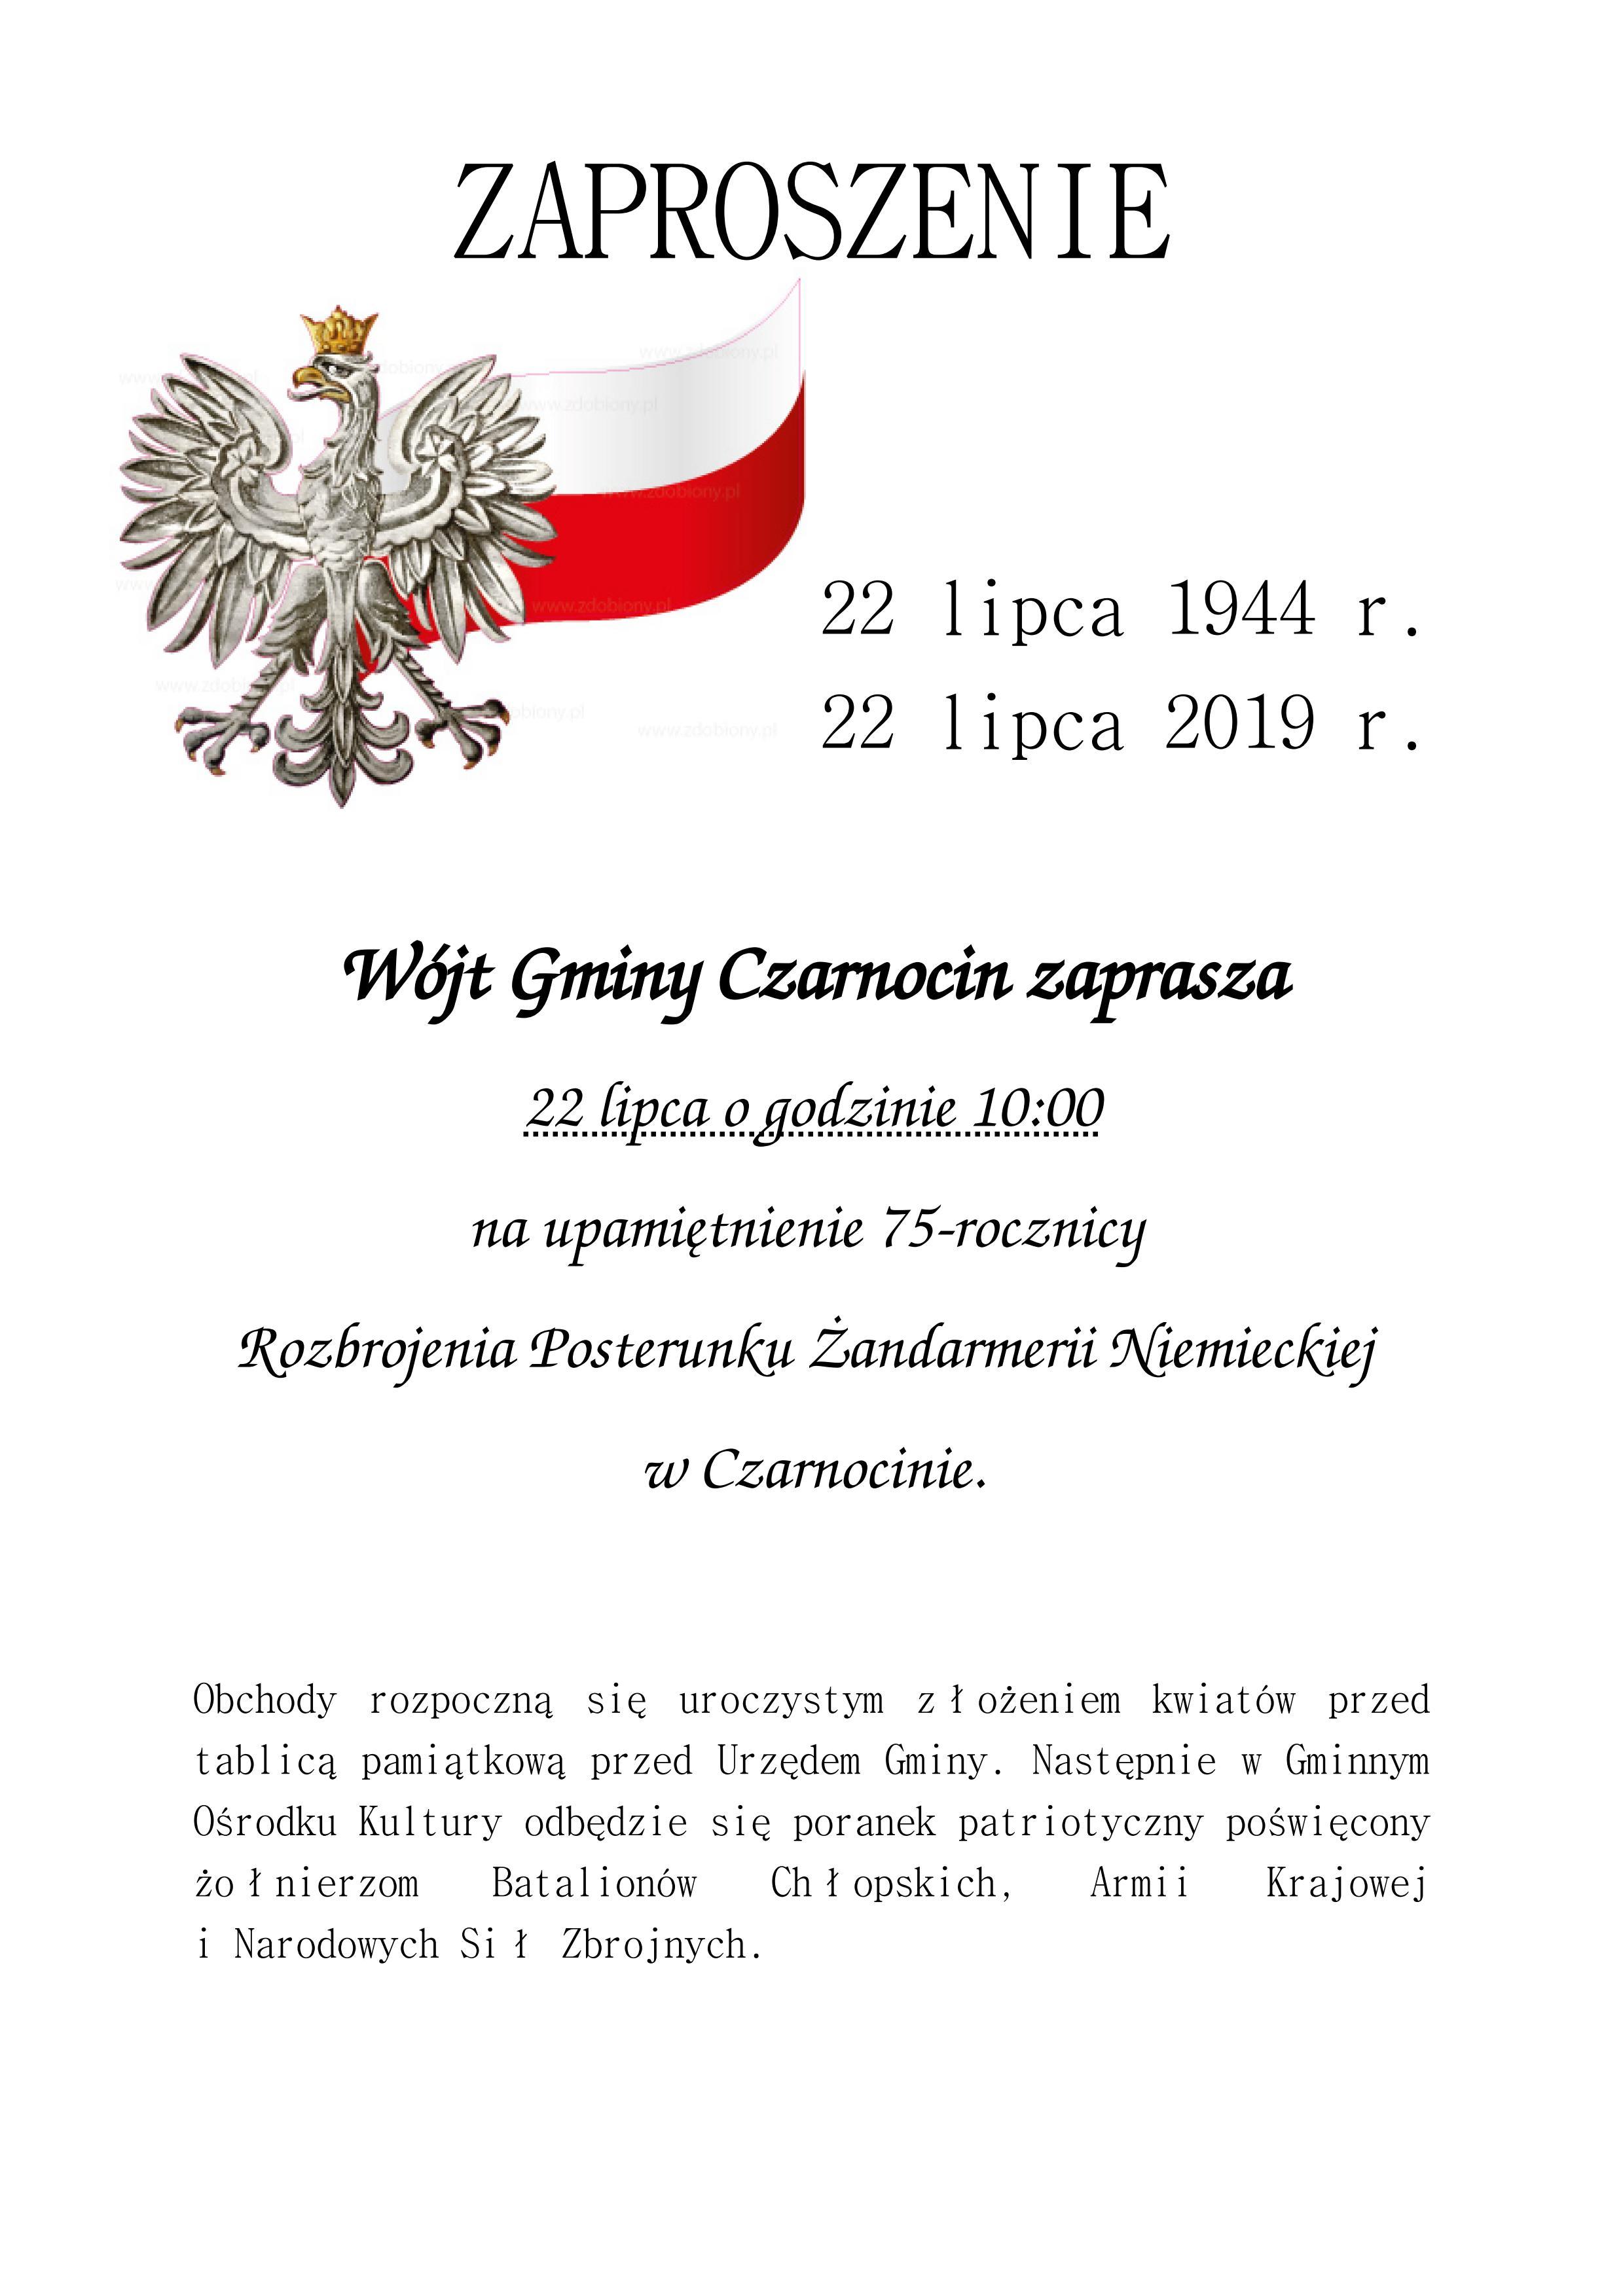 zaproszenie201912019.jpg